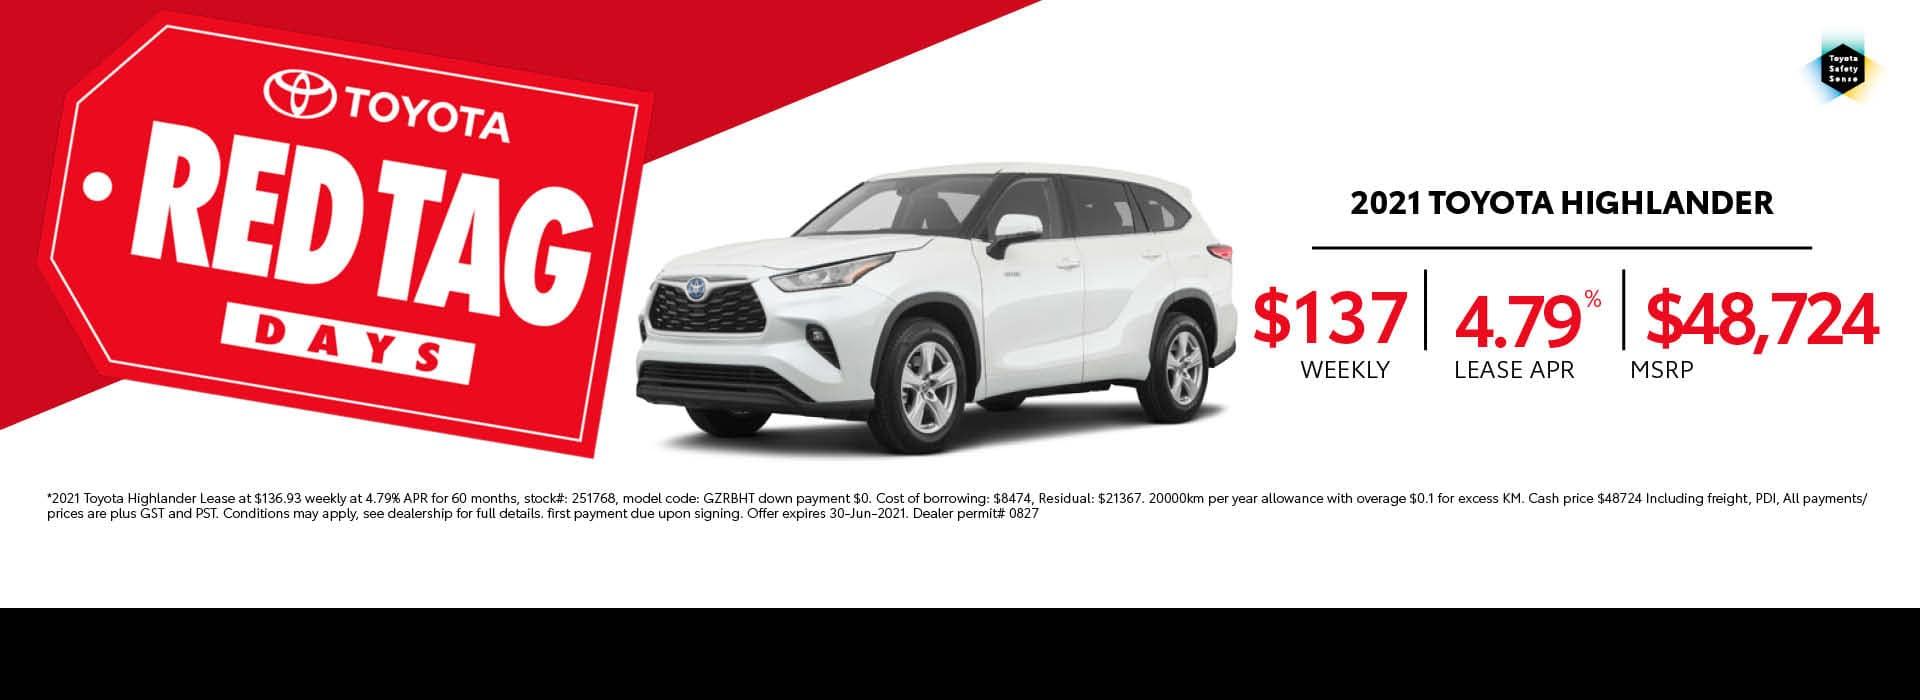 2021_Toyota_Highlander_Home_Page_Desktop_June2021